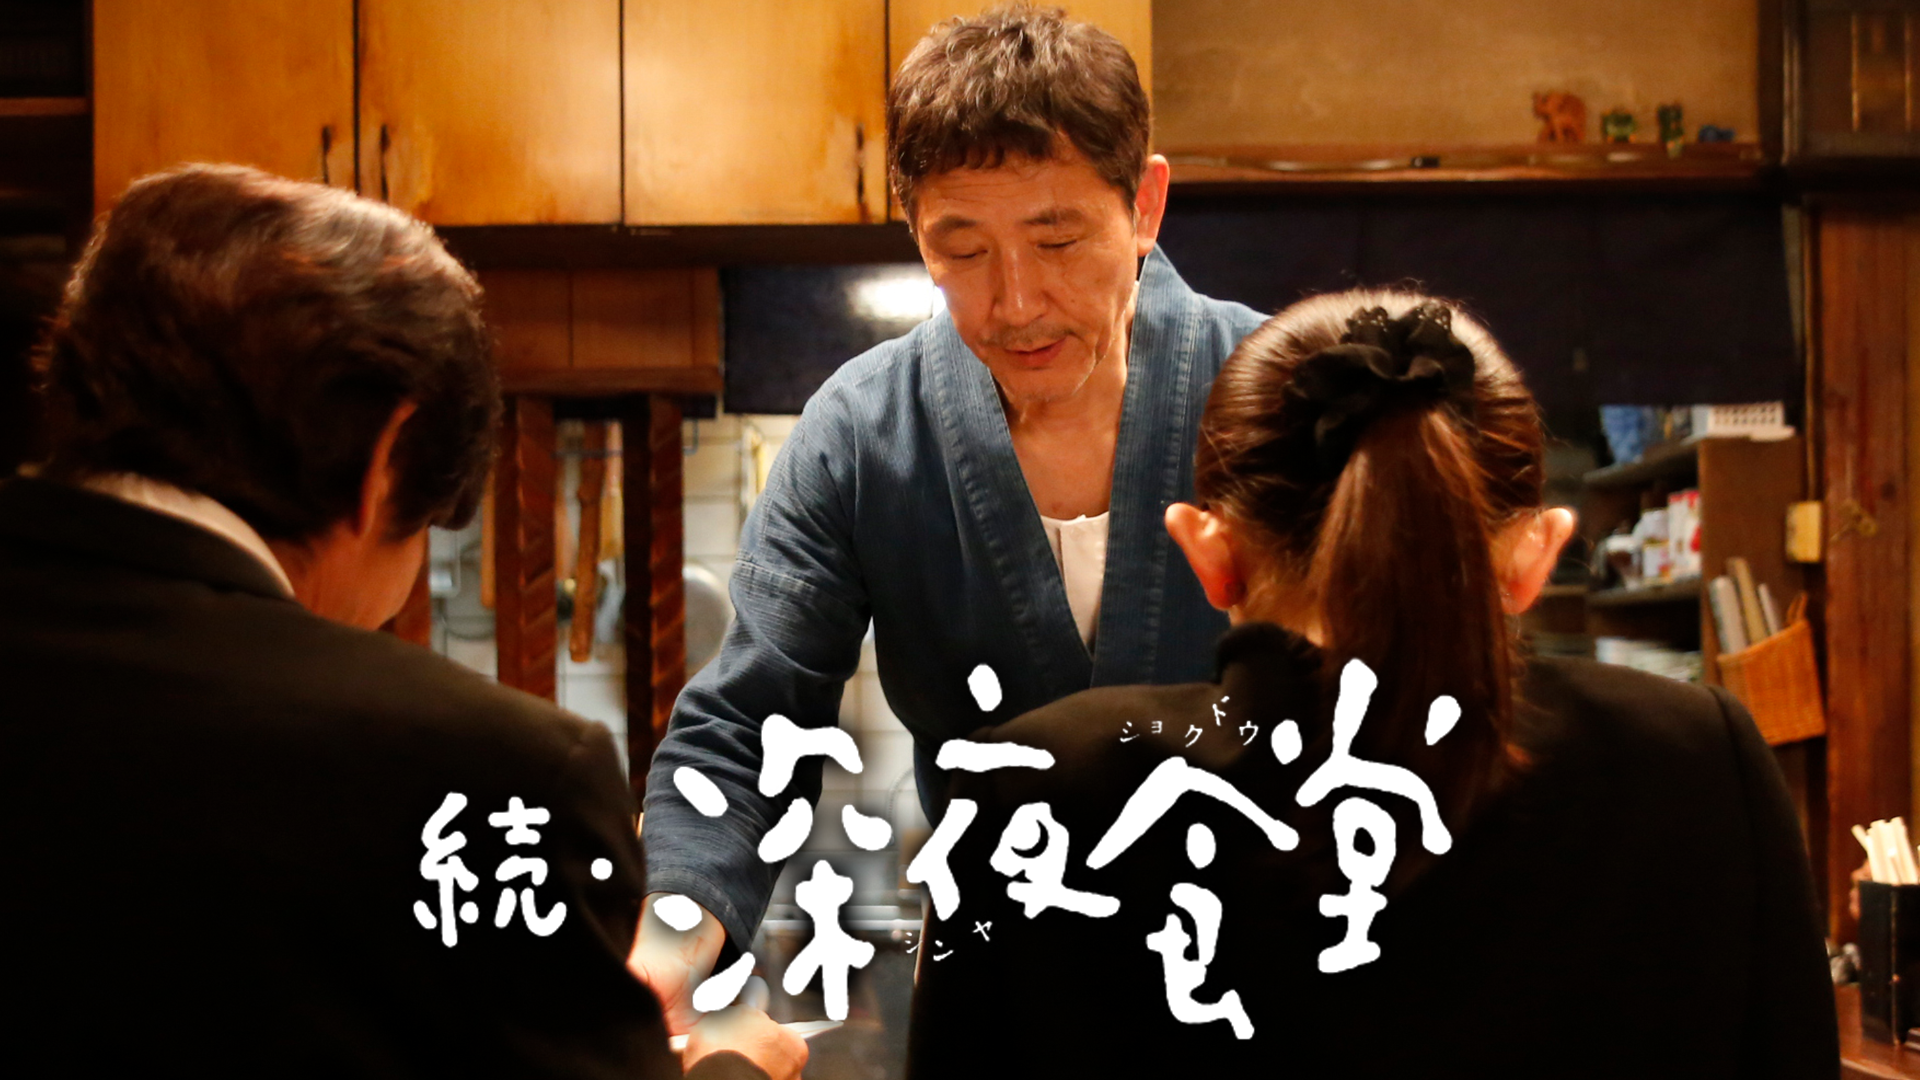 映画 続・深夜食堂 動画